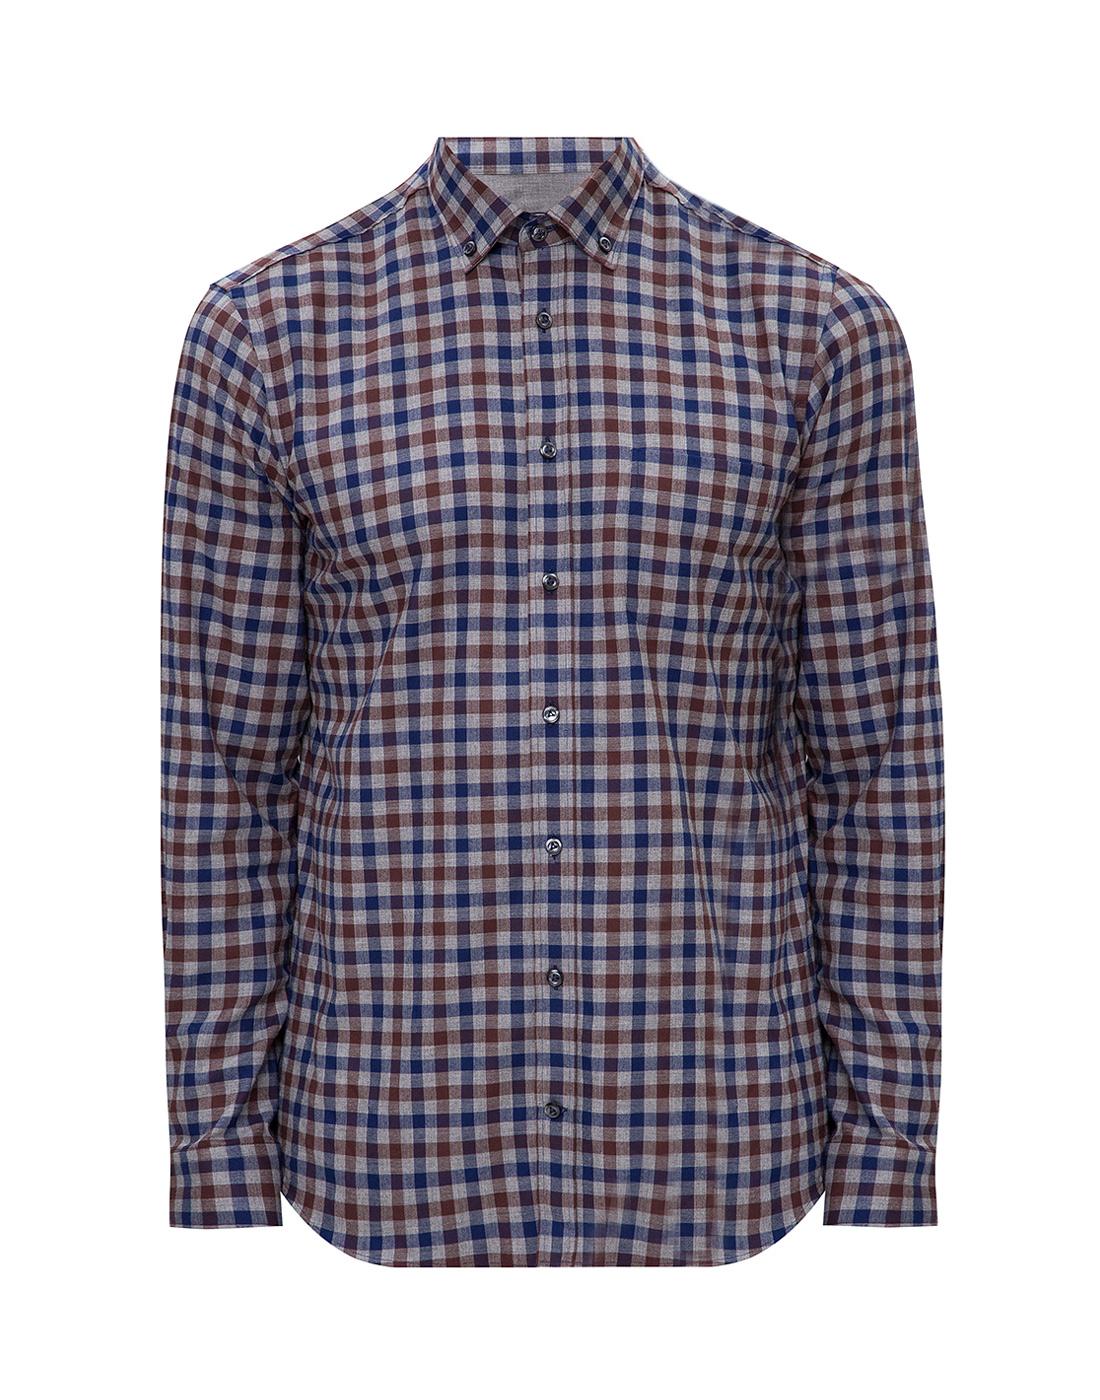 Мужская рубашка в клетку Van Laack S156193/780-1